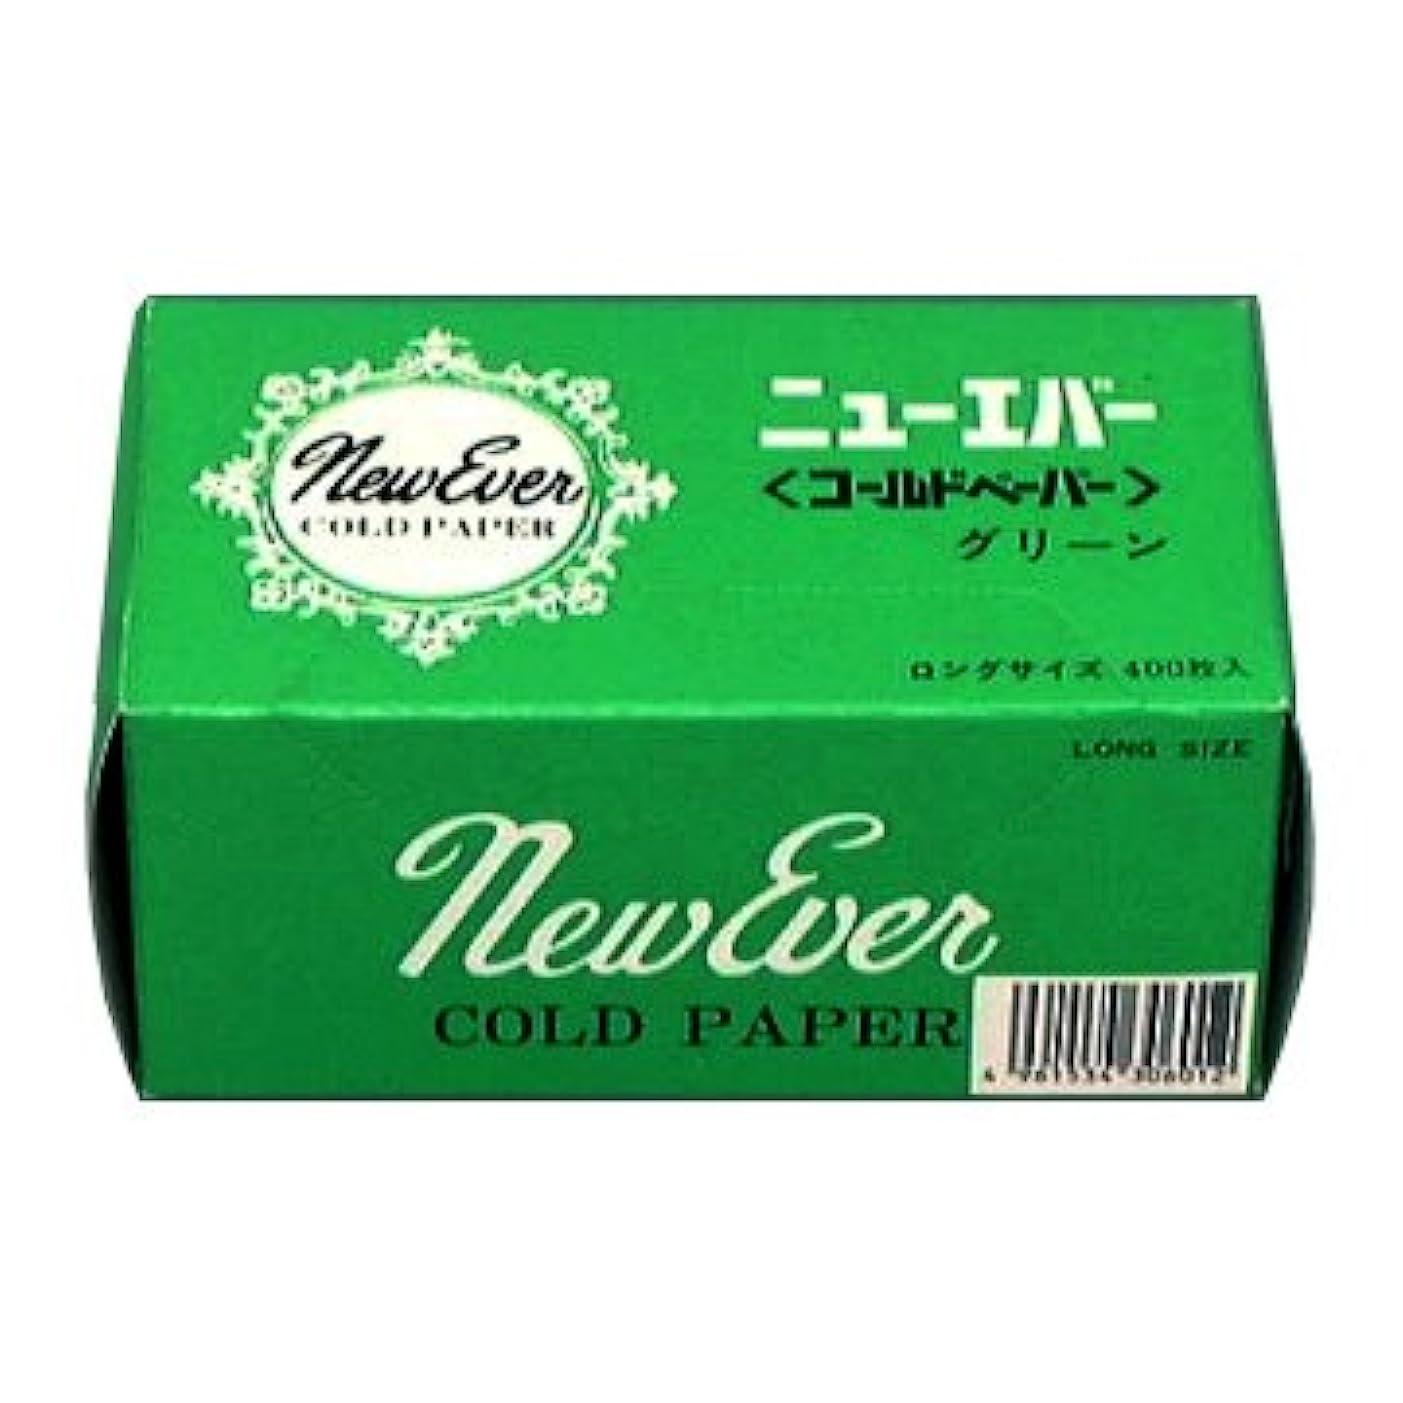 オゾンラベ心配米正 ニューエバー コールドペーパー グリーン ロングサイズ 400枚入